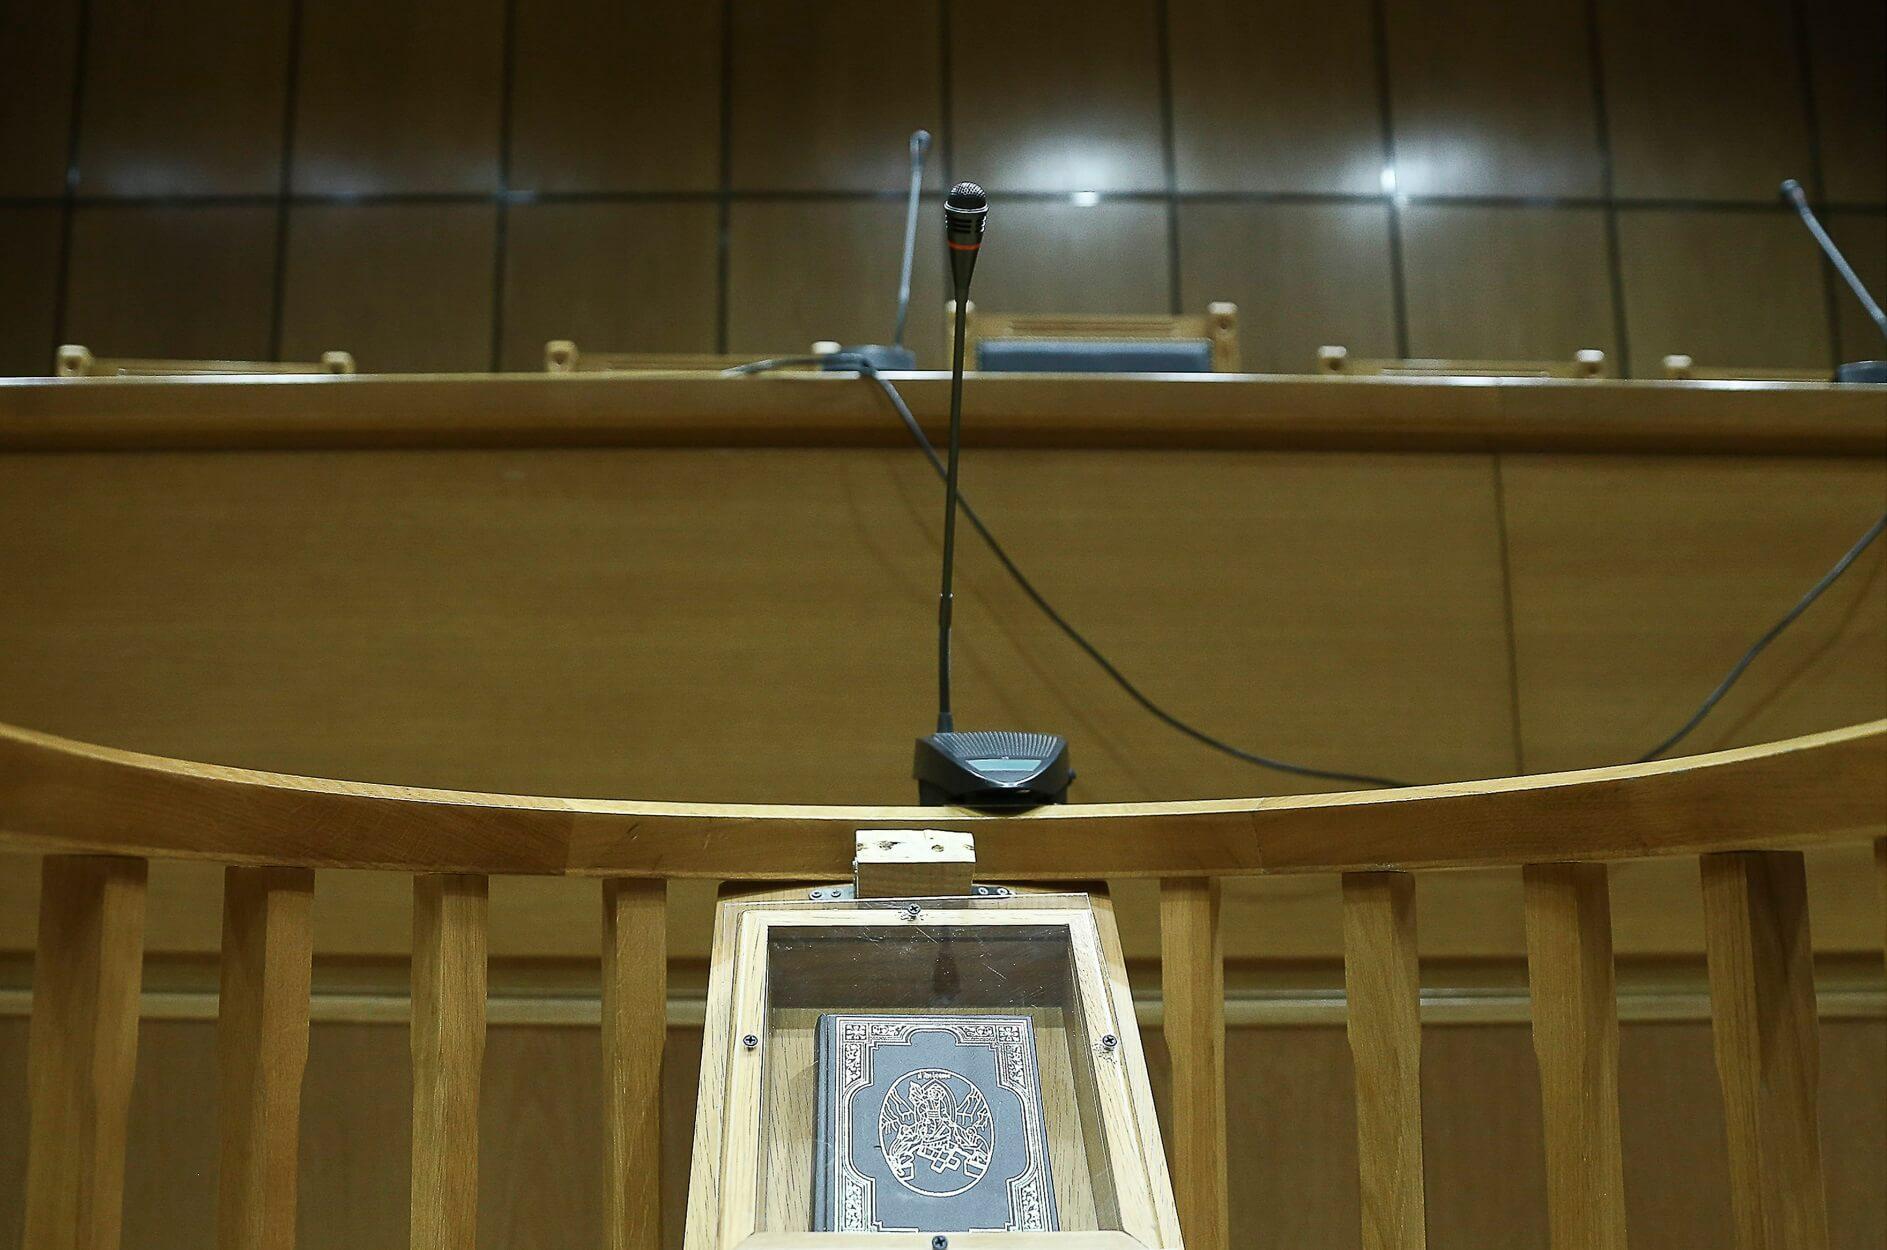 Να συμμετέχουν δικαστές και εισαγγελείς στο στάδιο προεπιλογής της ηγεσίας της Δικαιοσύνης ζητάει και η ΕΔΕ